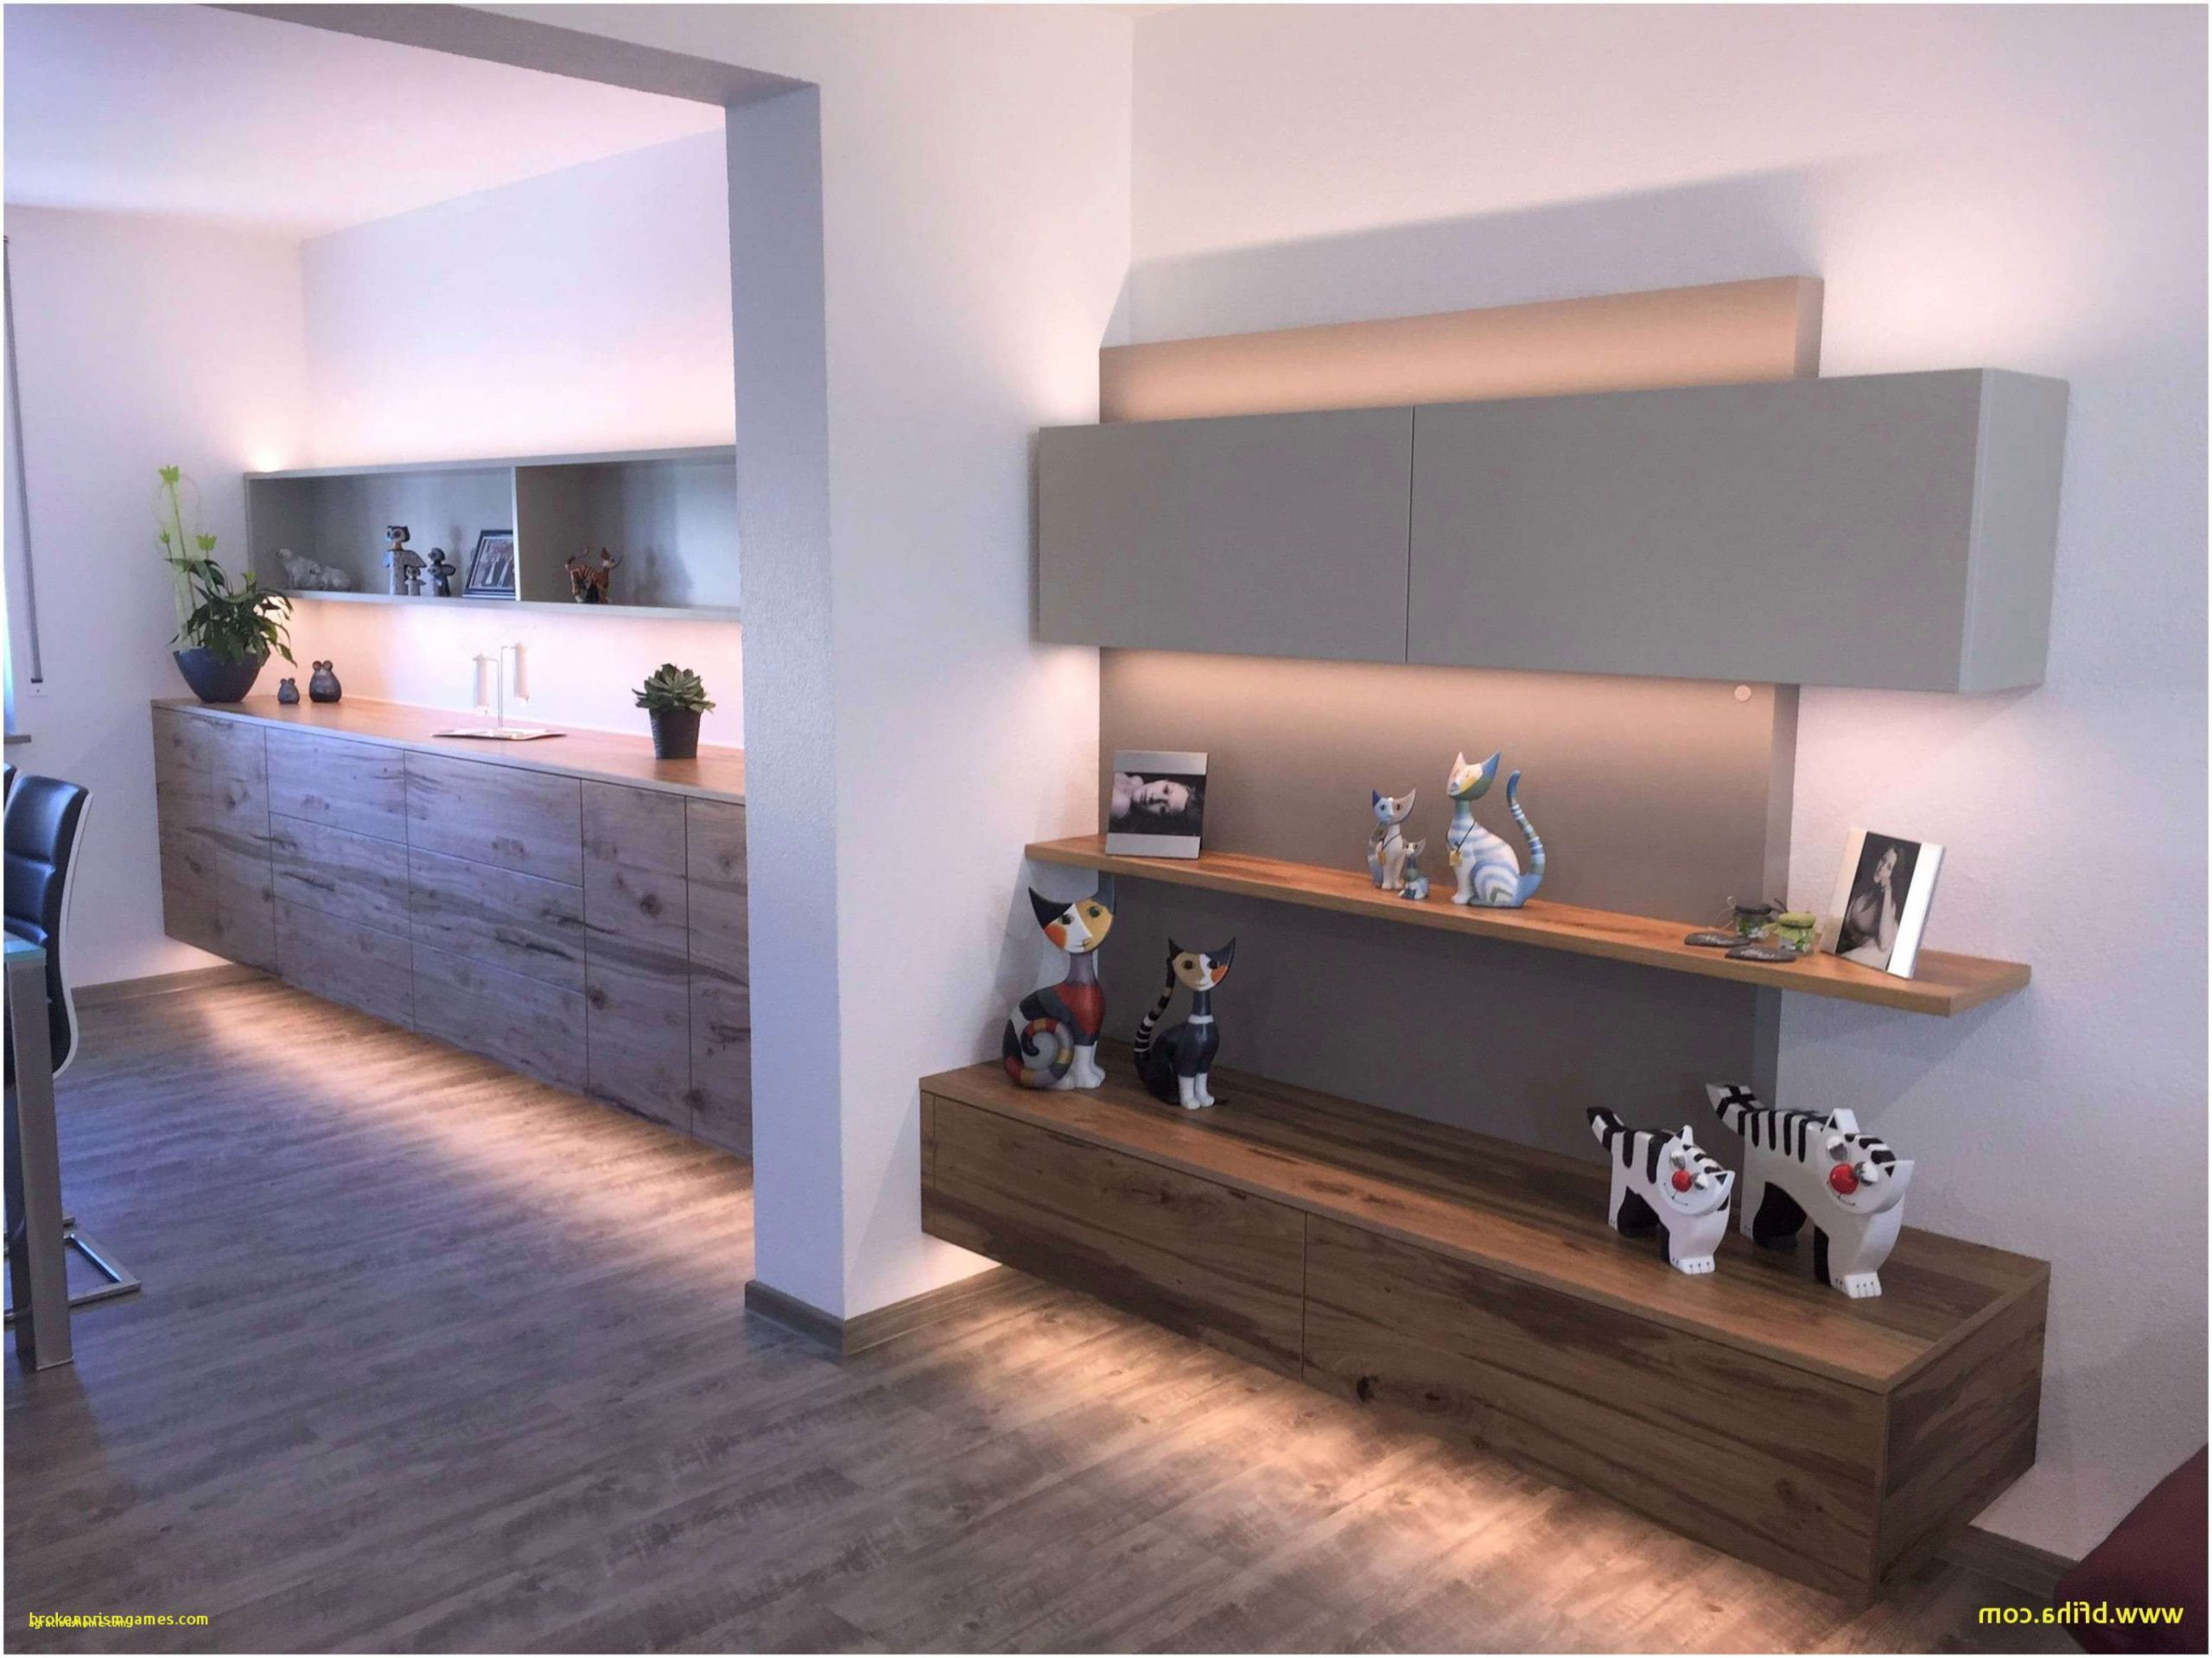 Balkon Ideen Günstig Genial Kleine Küchen Ideen — Temobardz Home Blog